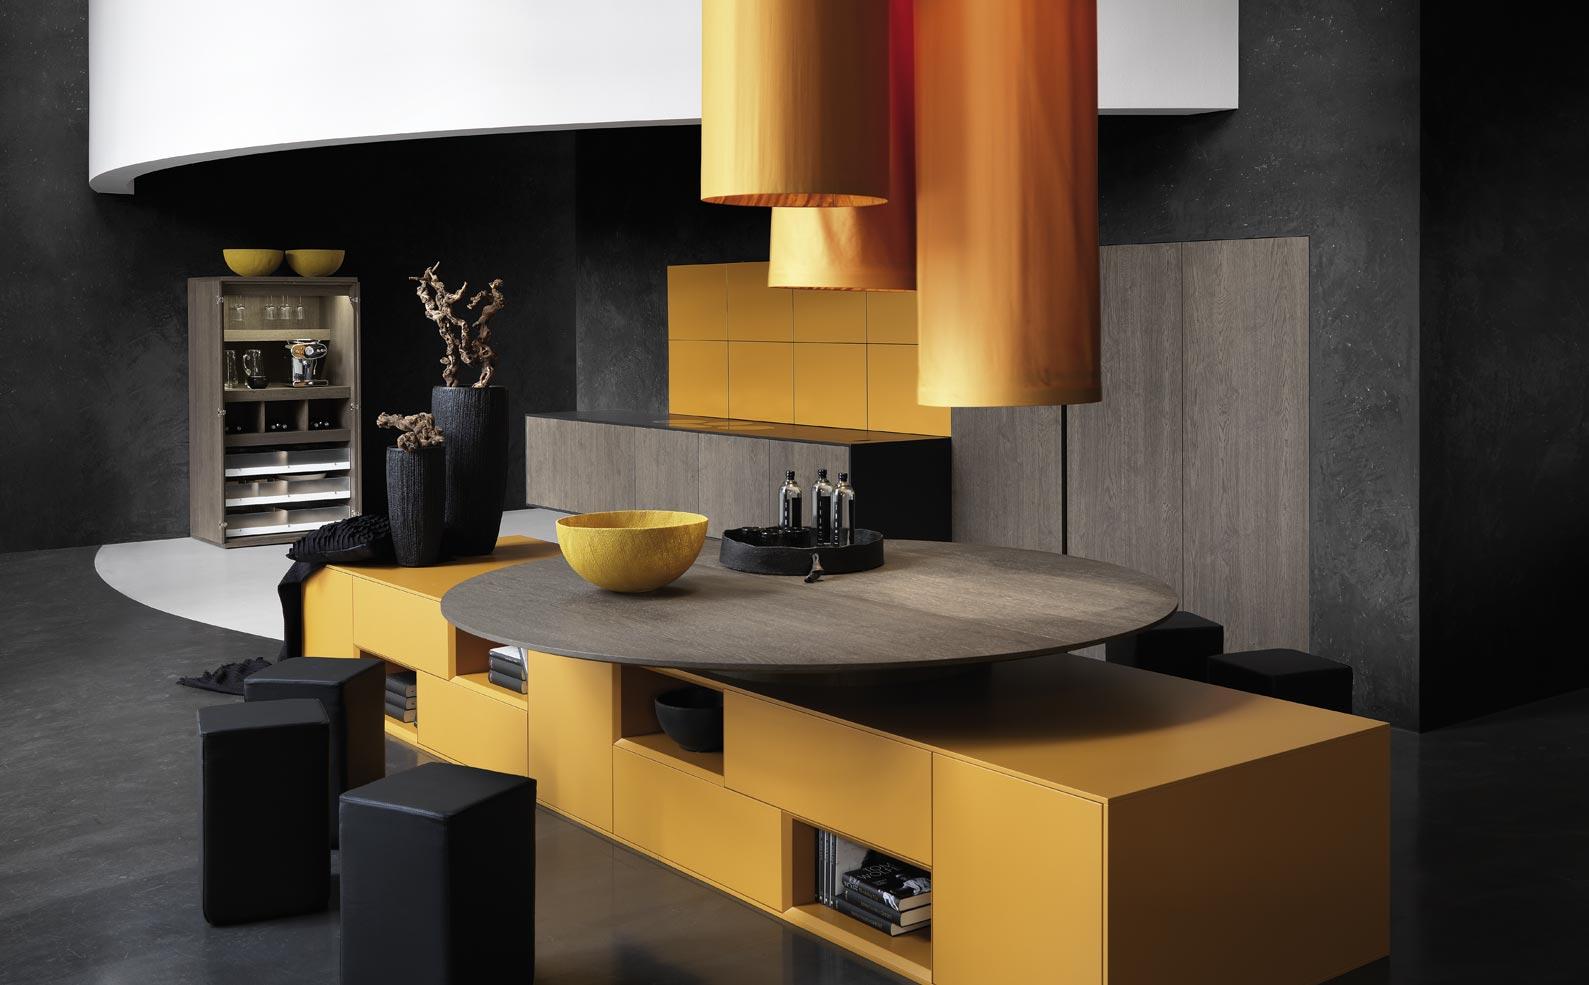 modulopbygget-køkken-3d-designede-images-3